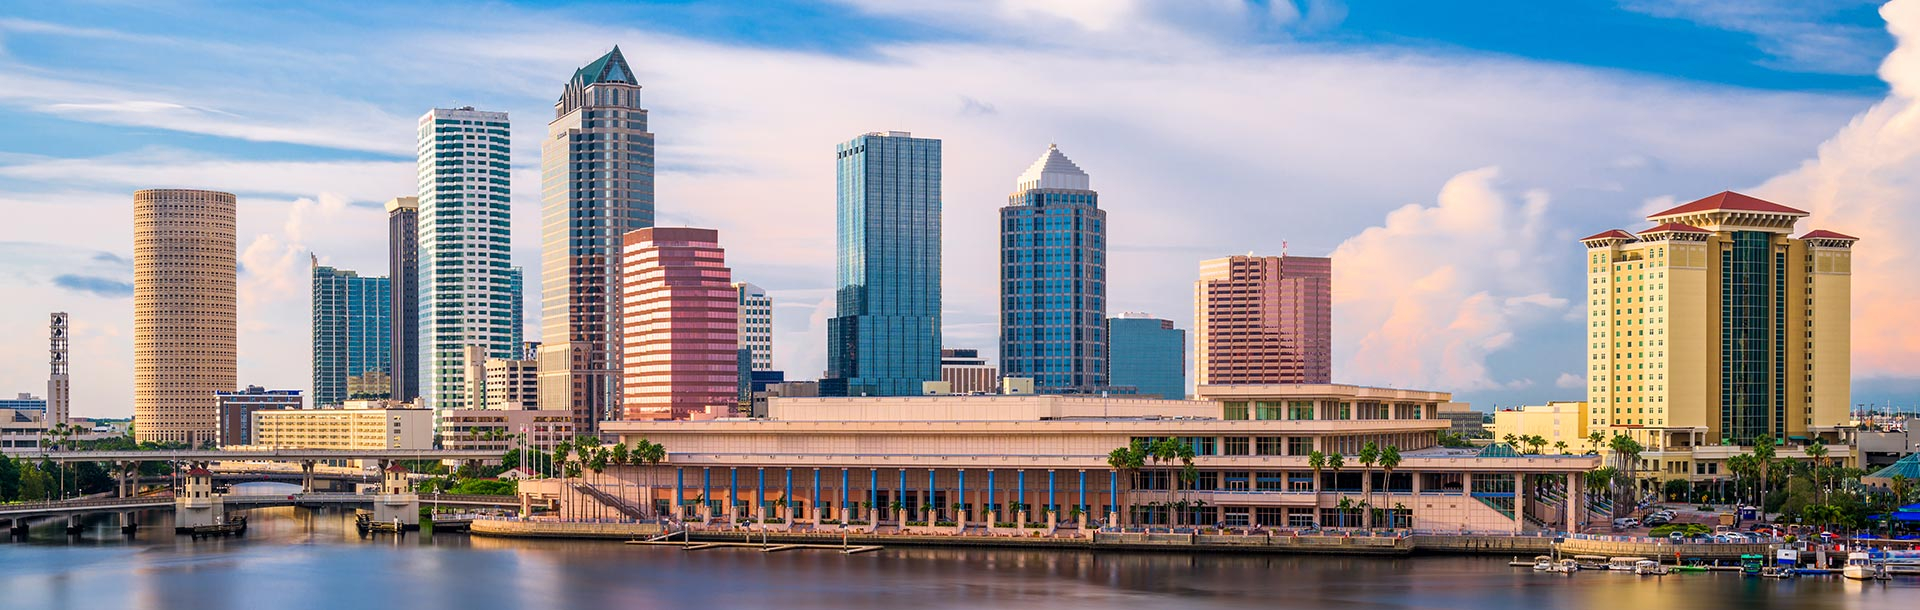 Kbp Brands Tampa